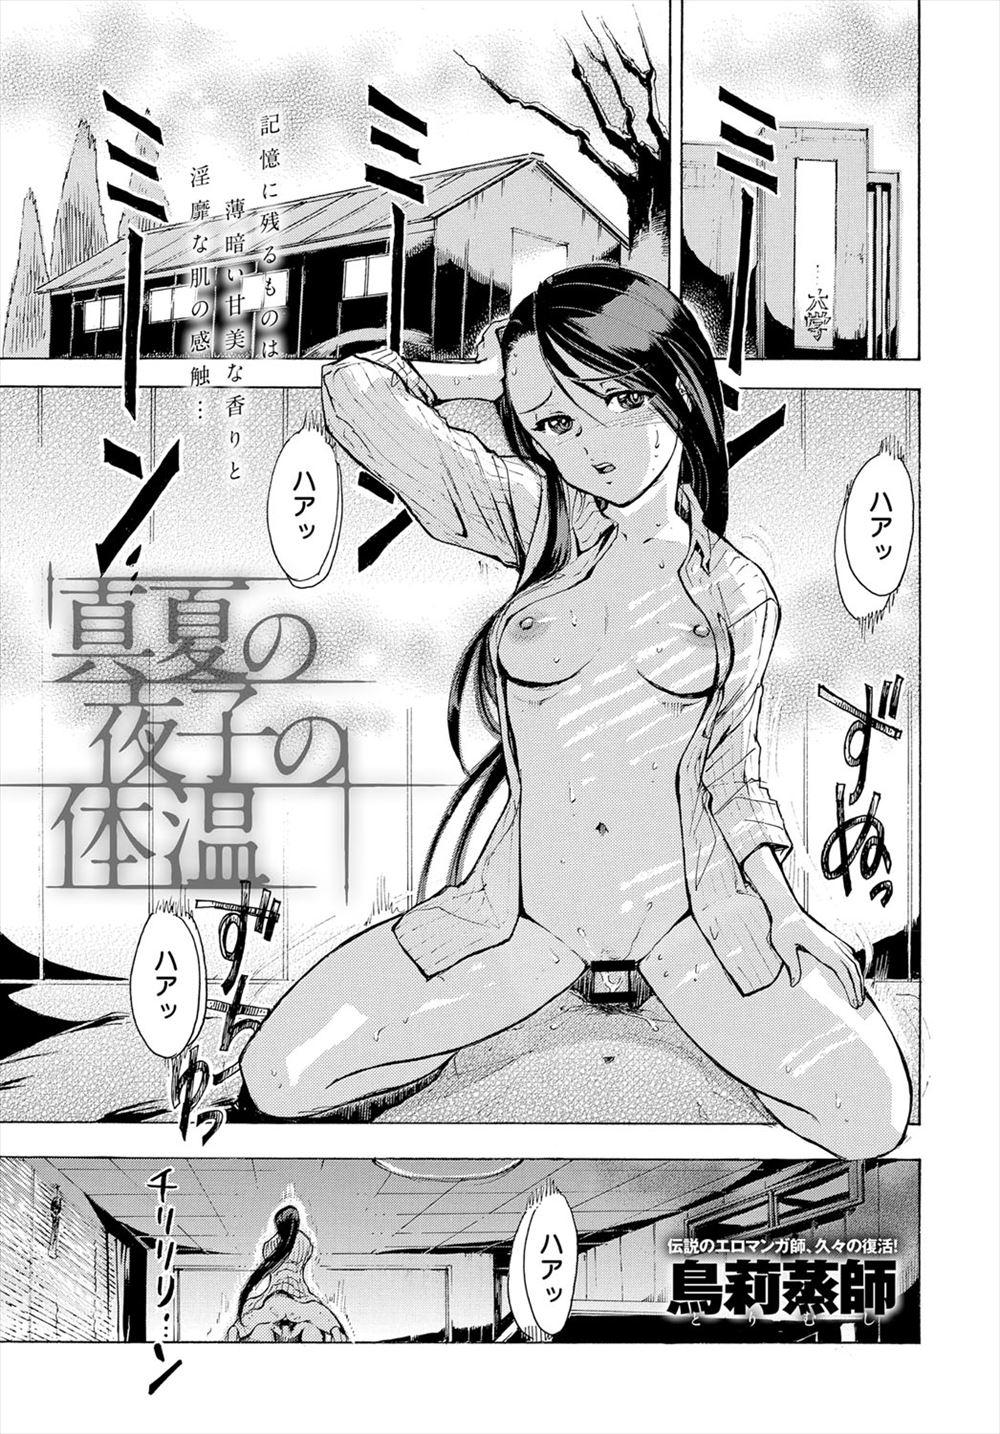 【エロ漫画】普通に生活してるだけでも汗をかくクソ暑い日にも関わらず、暇さえあればお互いの身体を求め合いひたすらセックスしまくるバカップルwww